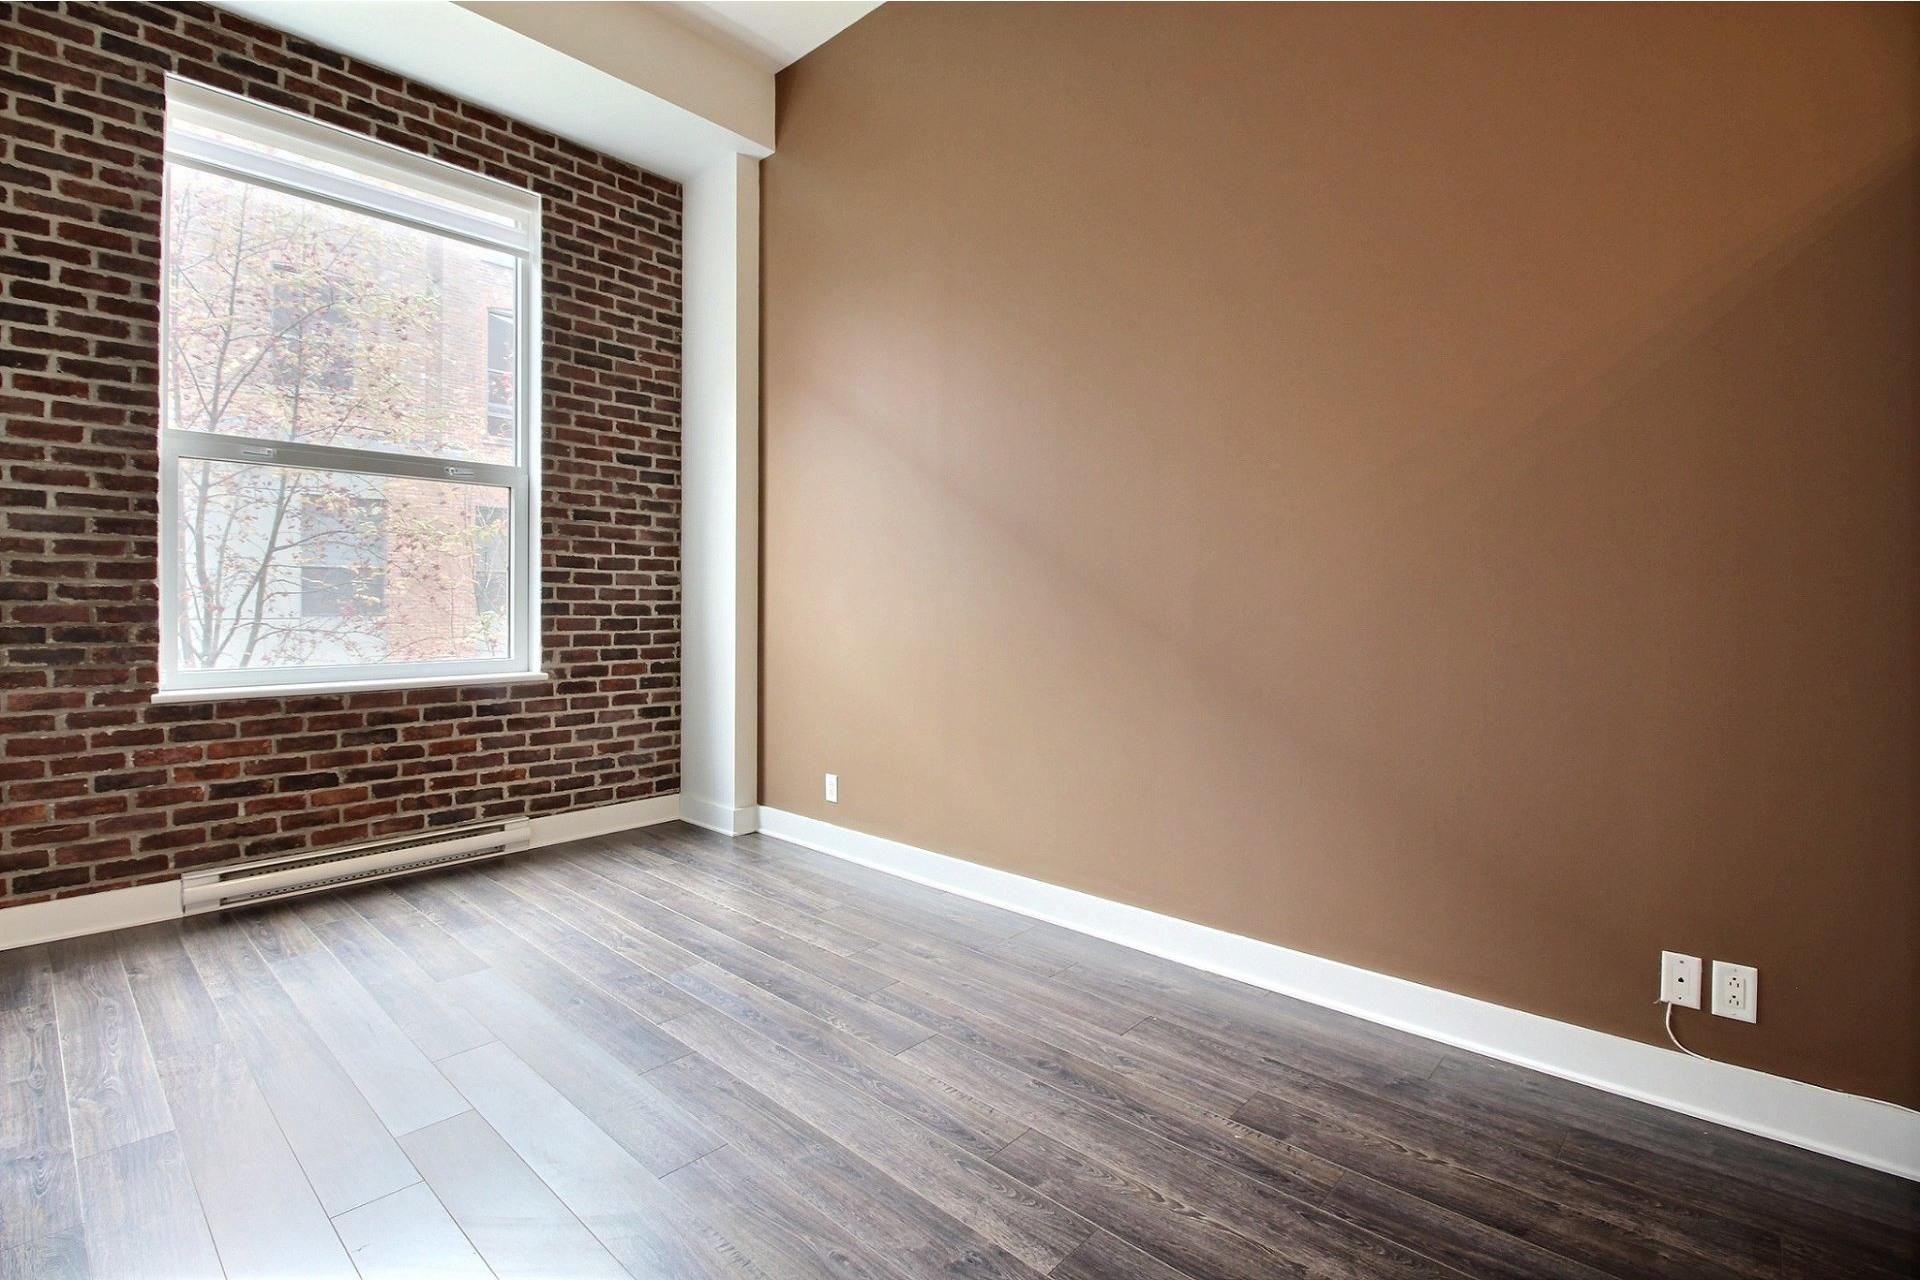 image 14 - Appartement À louer Mercier/Hochelaga-Maisonneuve Montréal  - 6 pièces